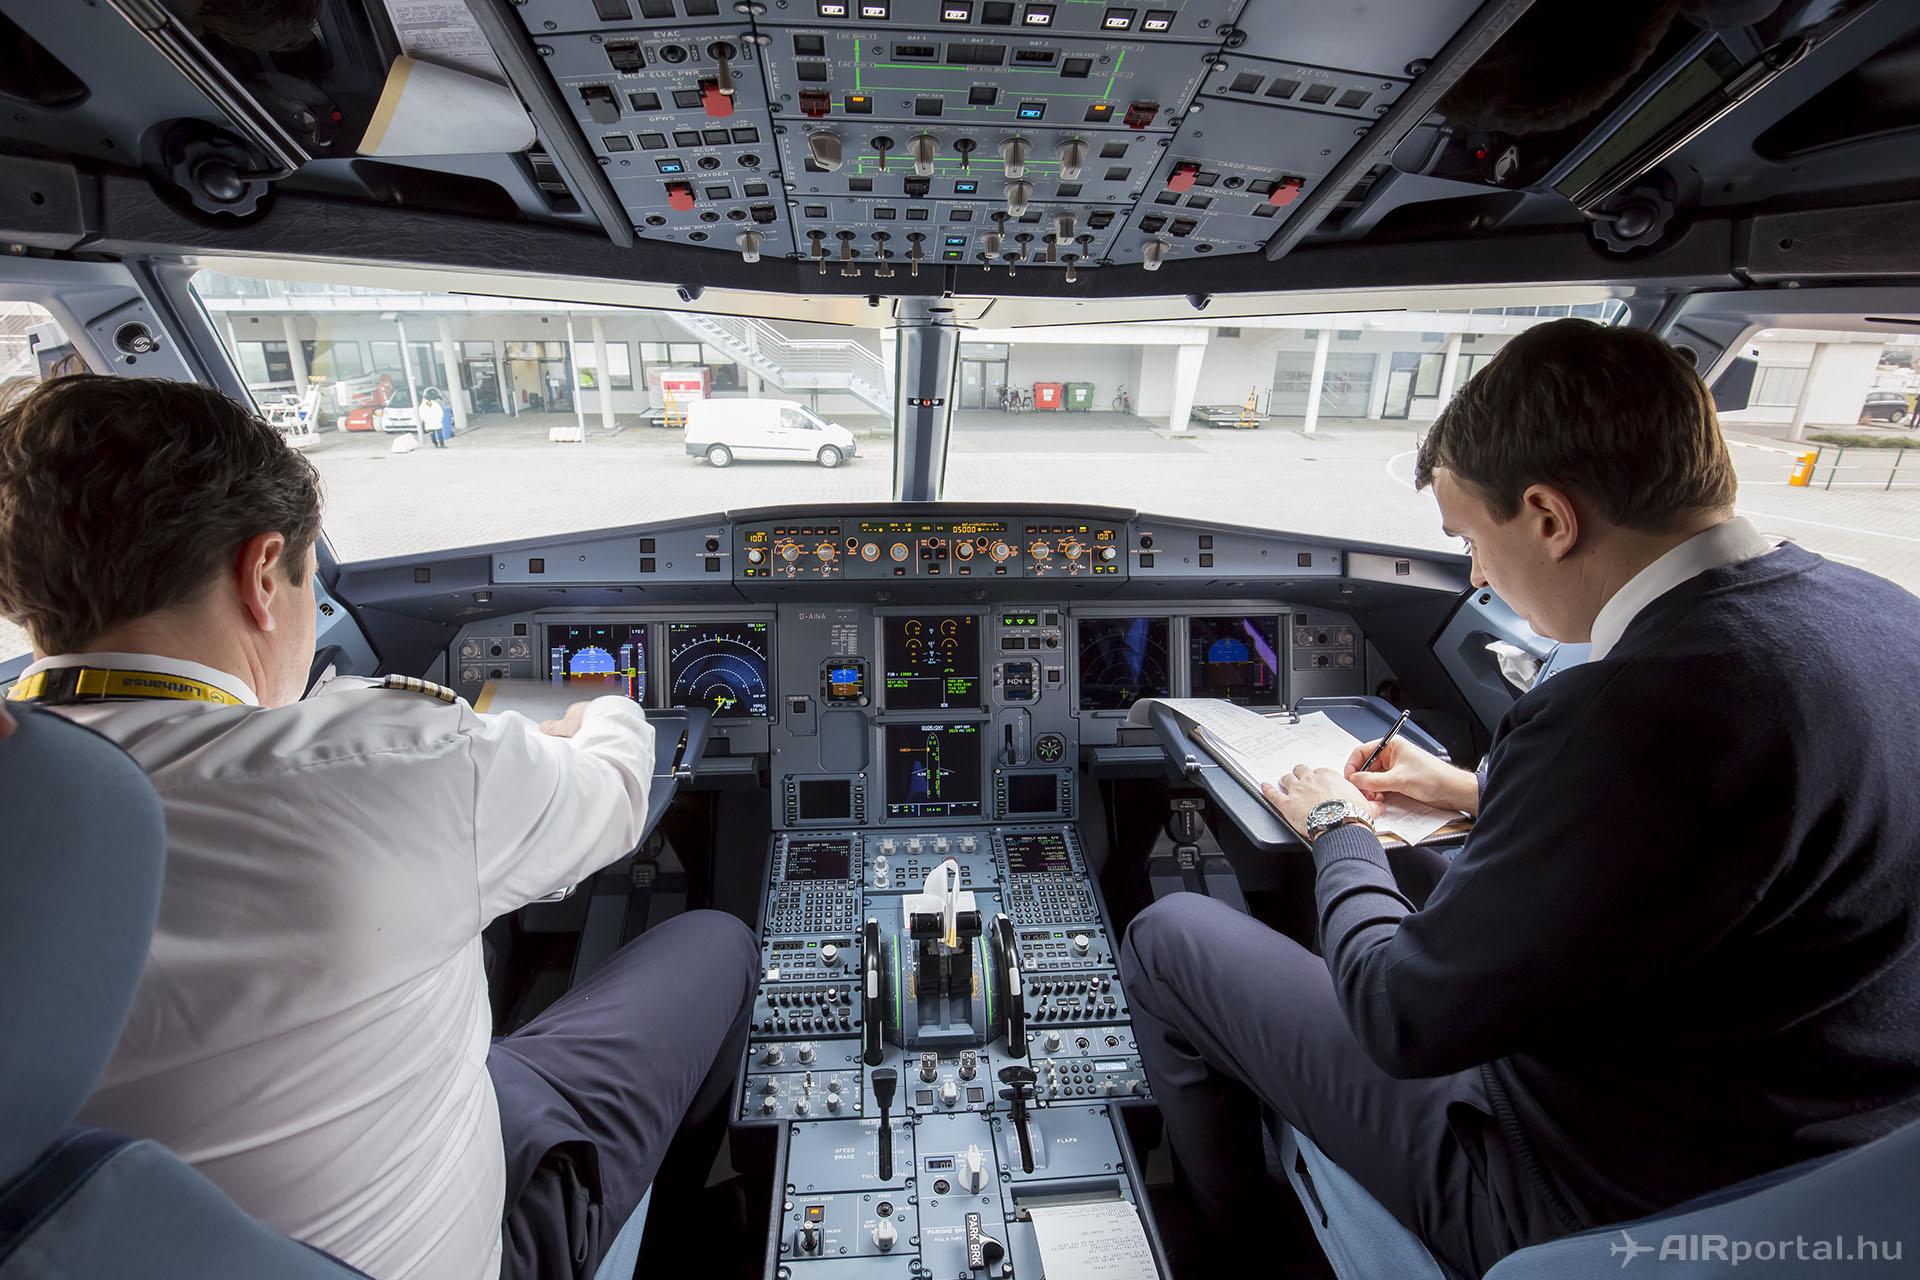 Bár az ős típus CRT monitorait LCD kijelzők váltották fel, az A320neo pilótafülkéje elrendezésében nem sokat változott a korábbi változatokhoz képest. (Fotó: AIRportal.hu) | © AIRportal.hu